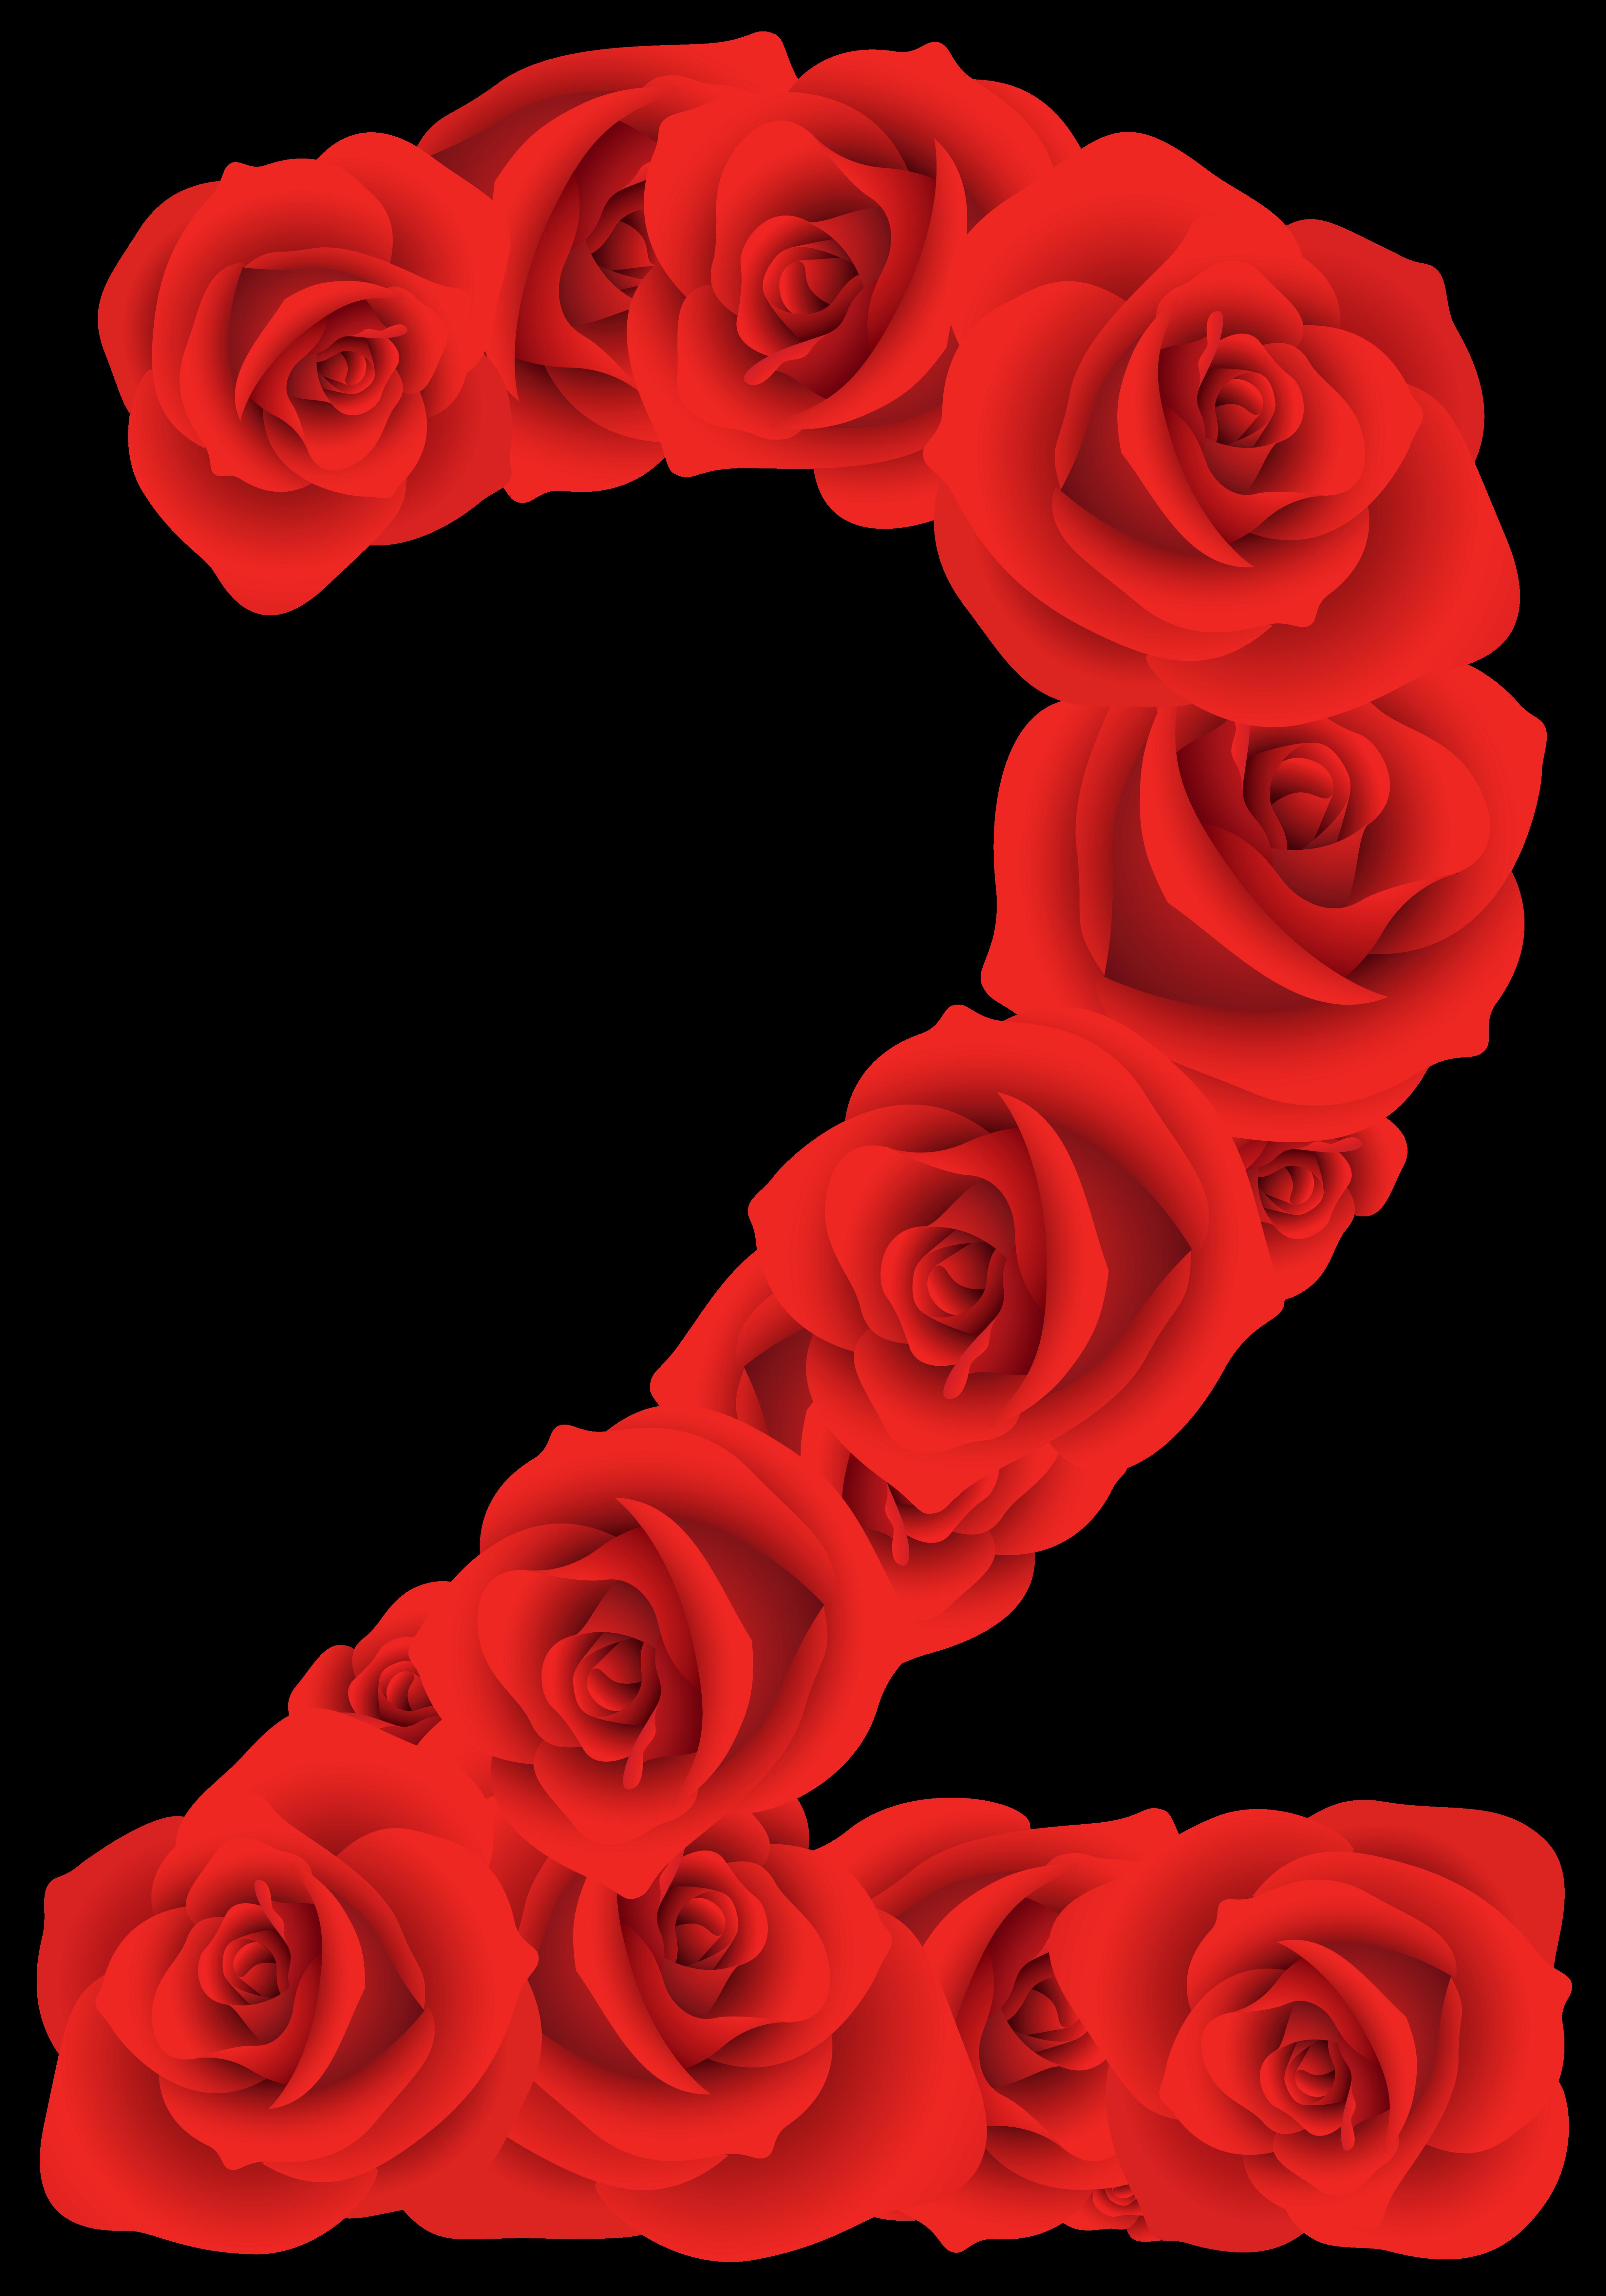 Pin De Irene Hansson En Fodelsedag Cliparts Gratuitos Rosas Rojas Rosas